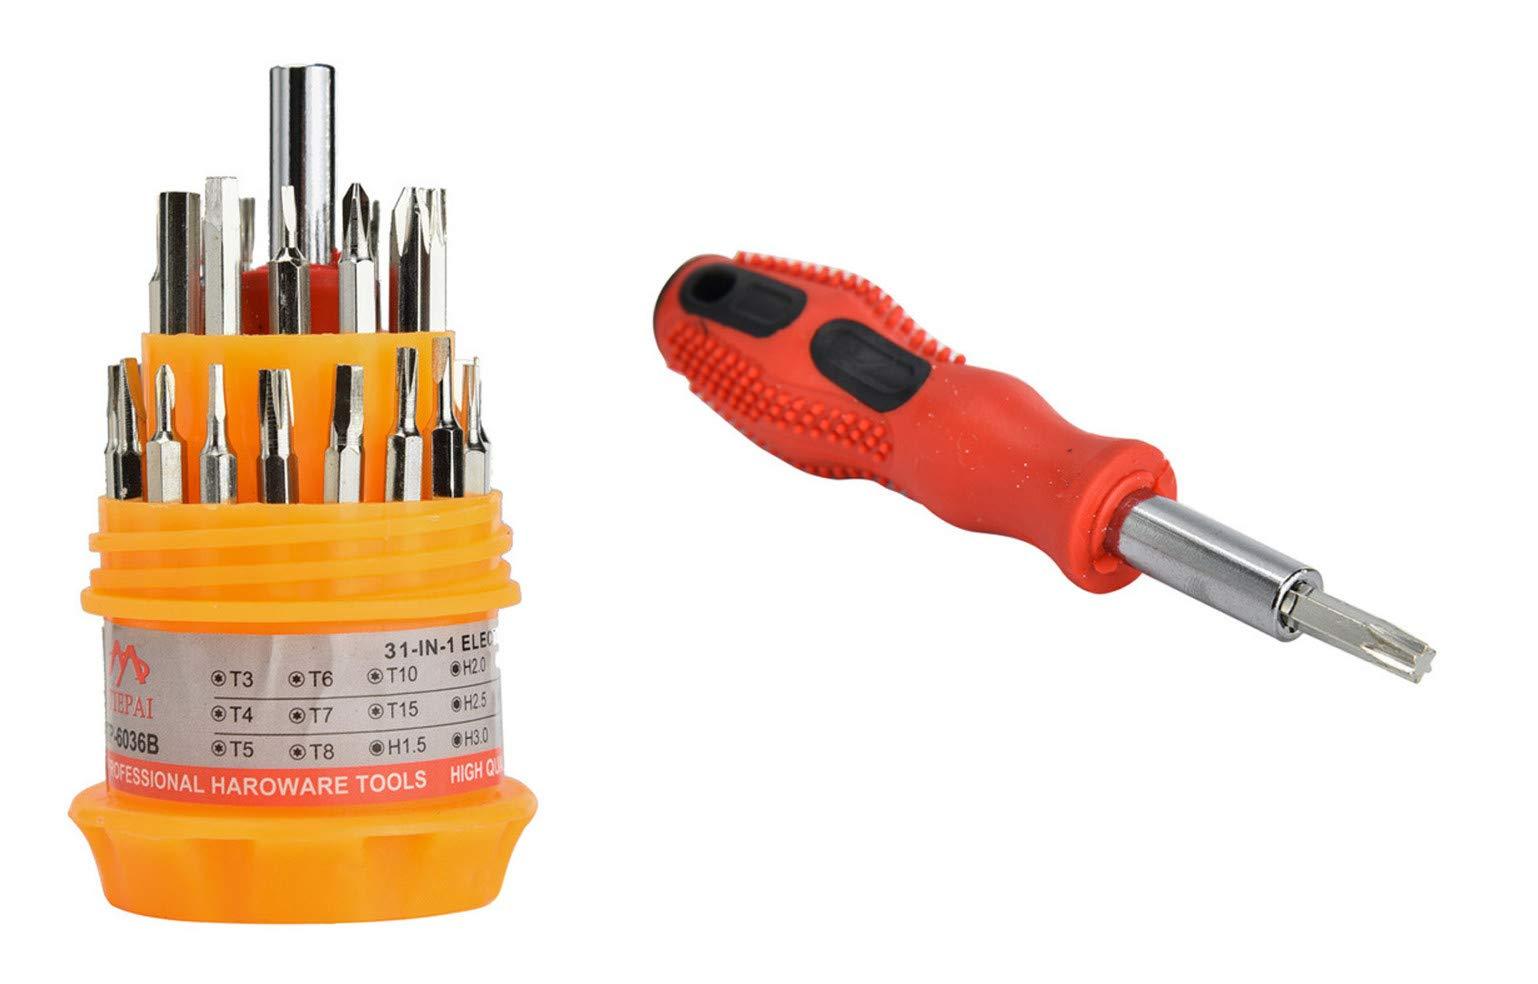 Screwdriver, XUANOU Delicate 31 In 1 Precision Set Handle Screwdriver Mobile Phone Repair Kit Tool